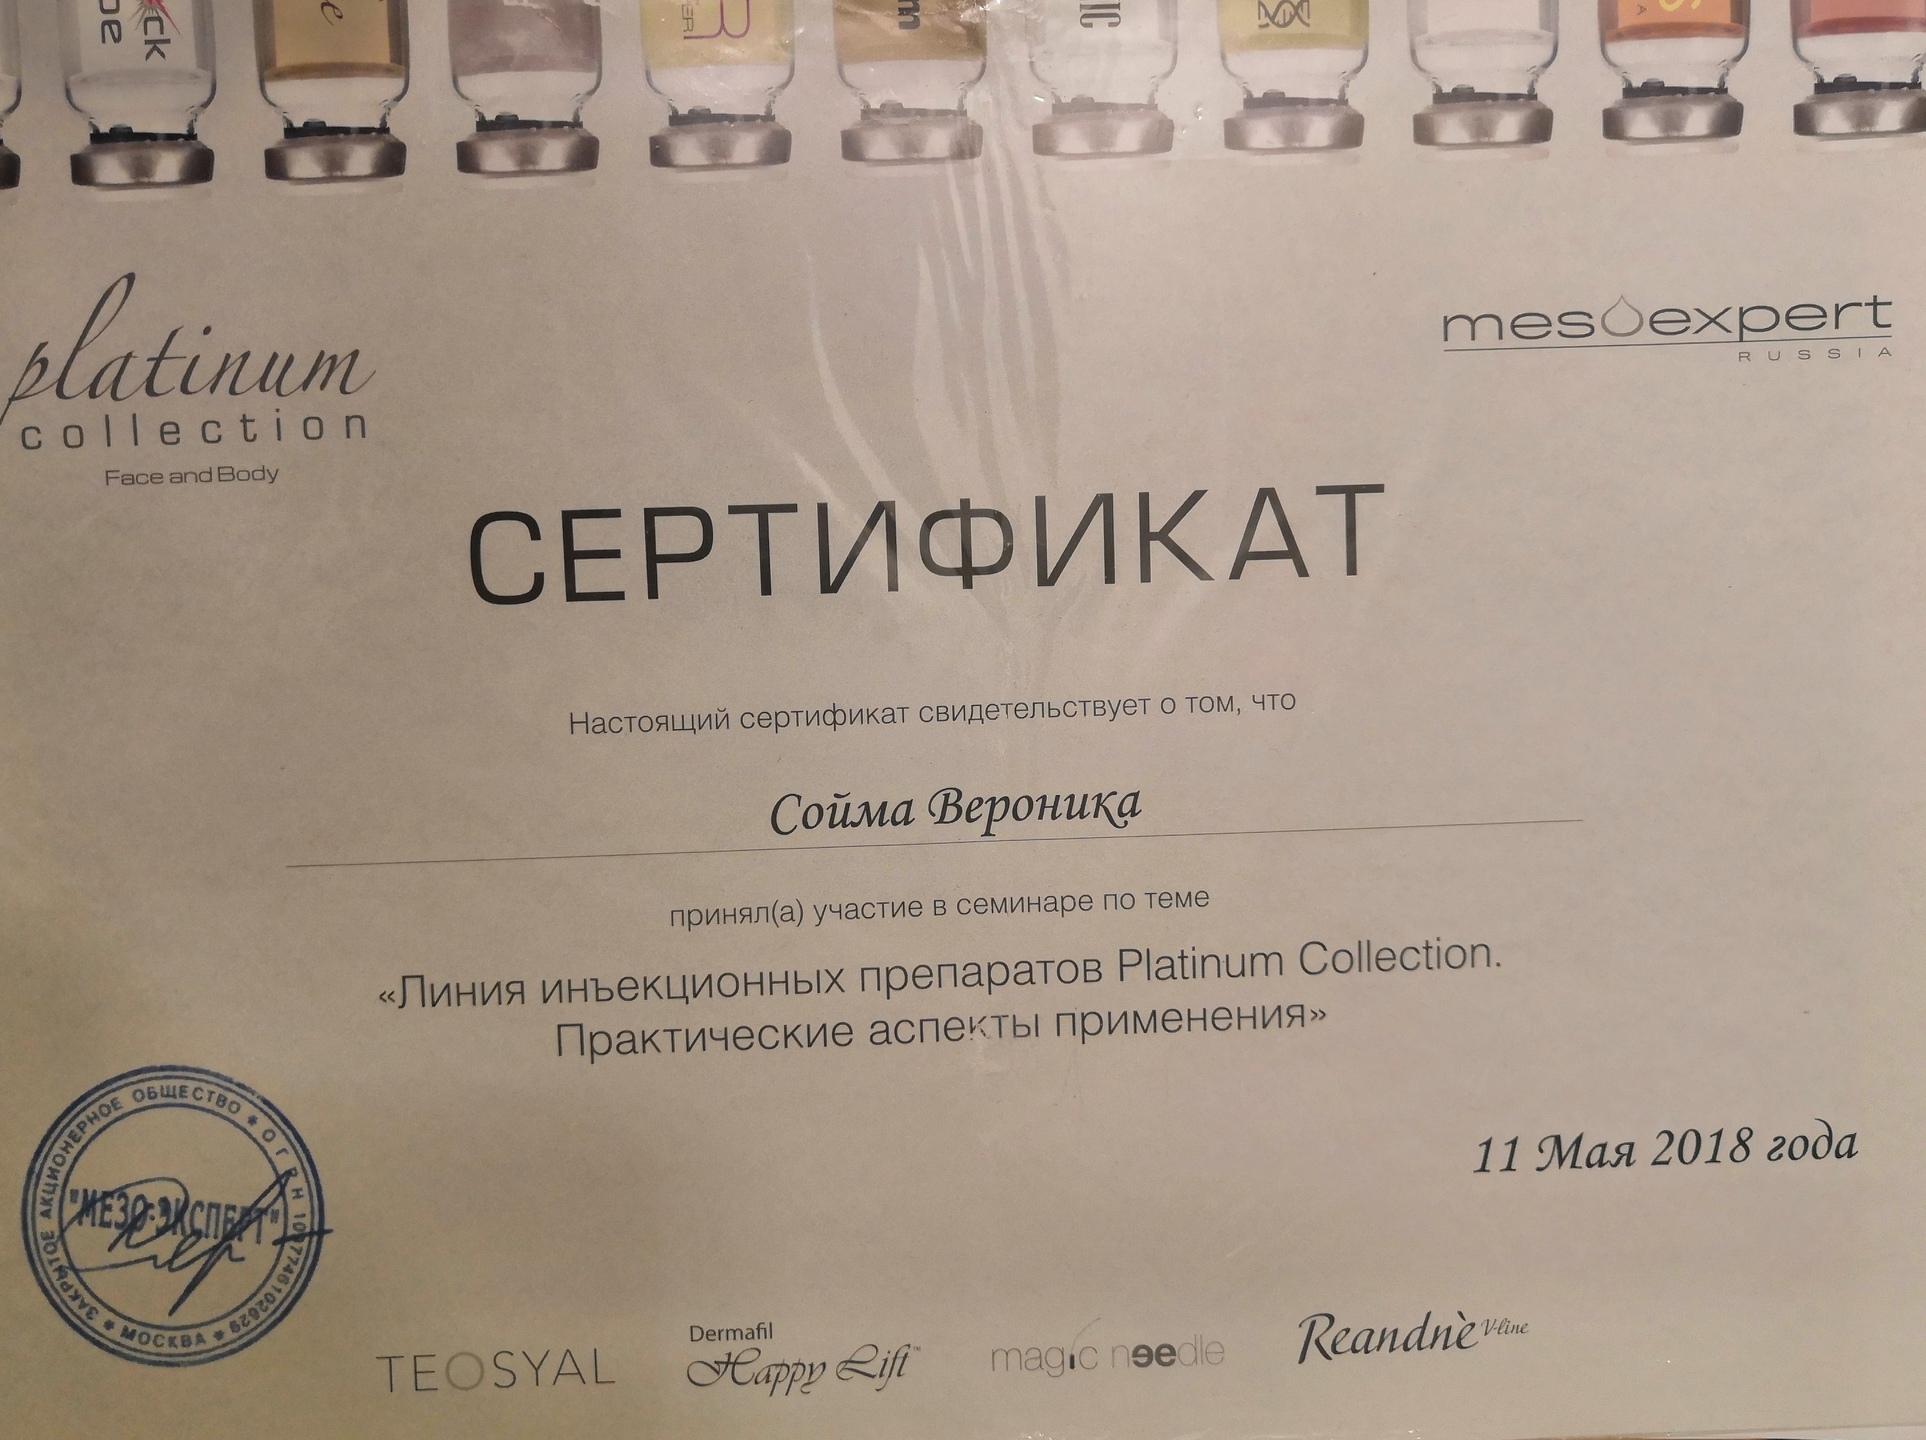 2018, Линия инъекционных препаратов Platinum Collection